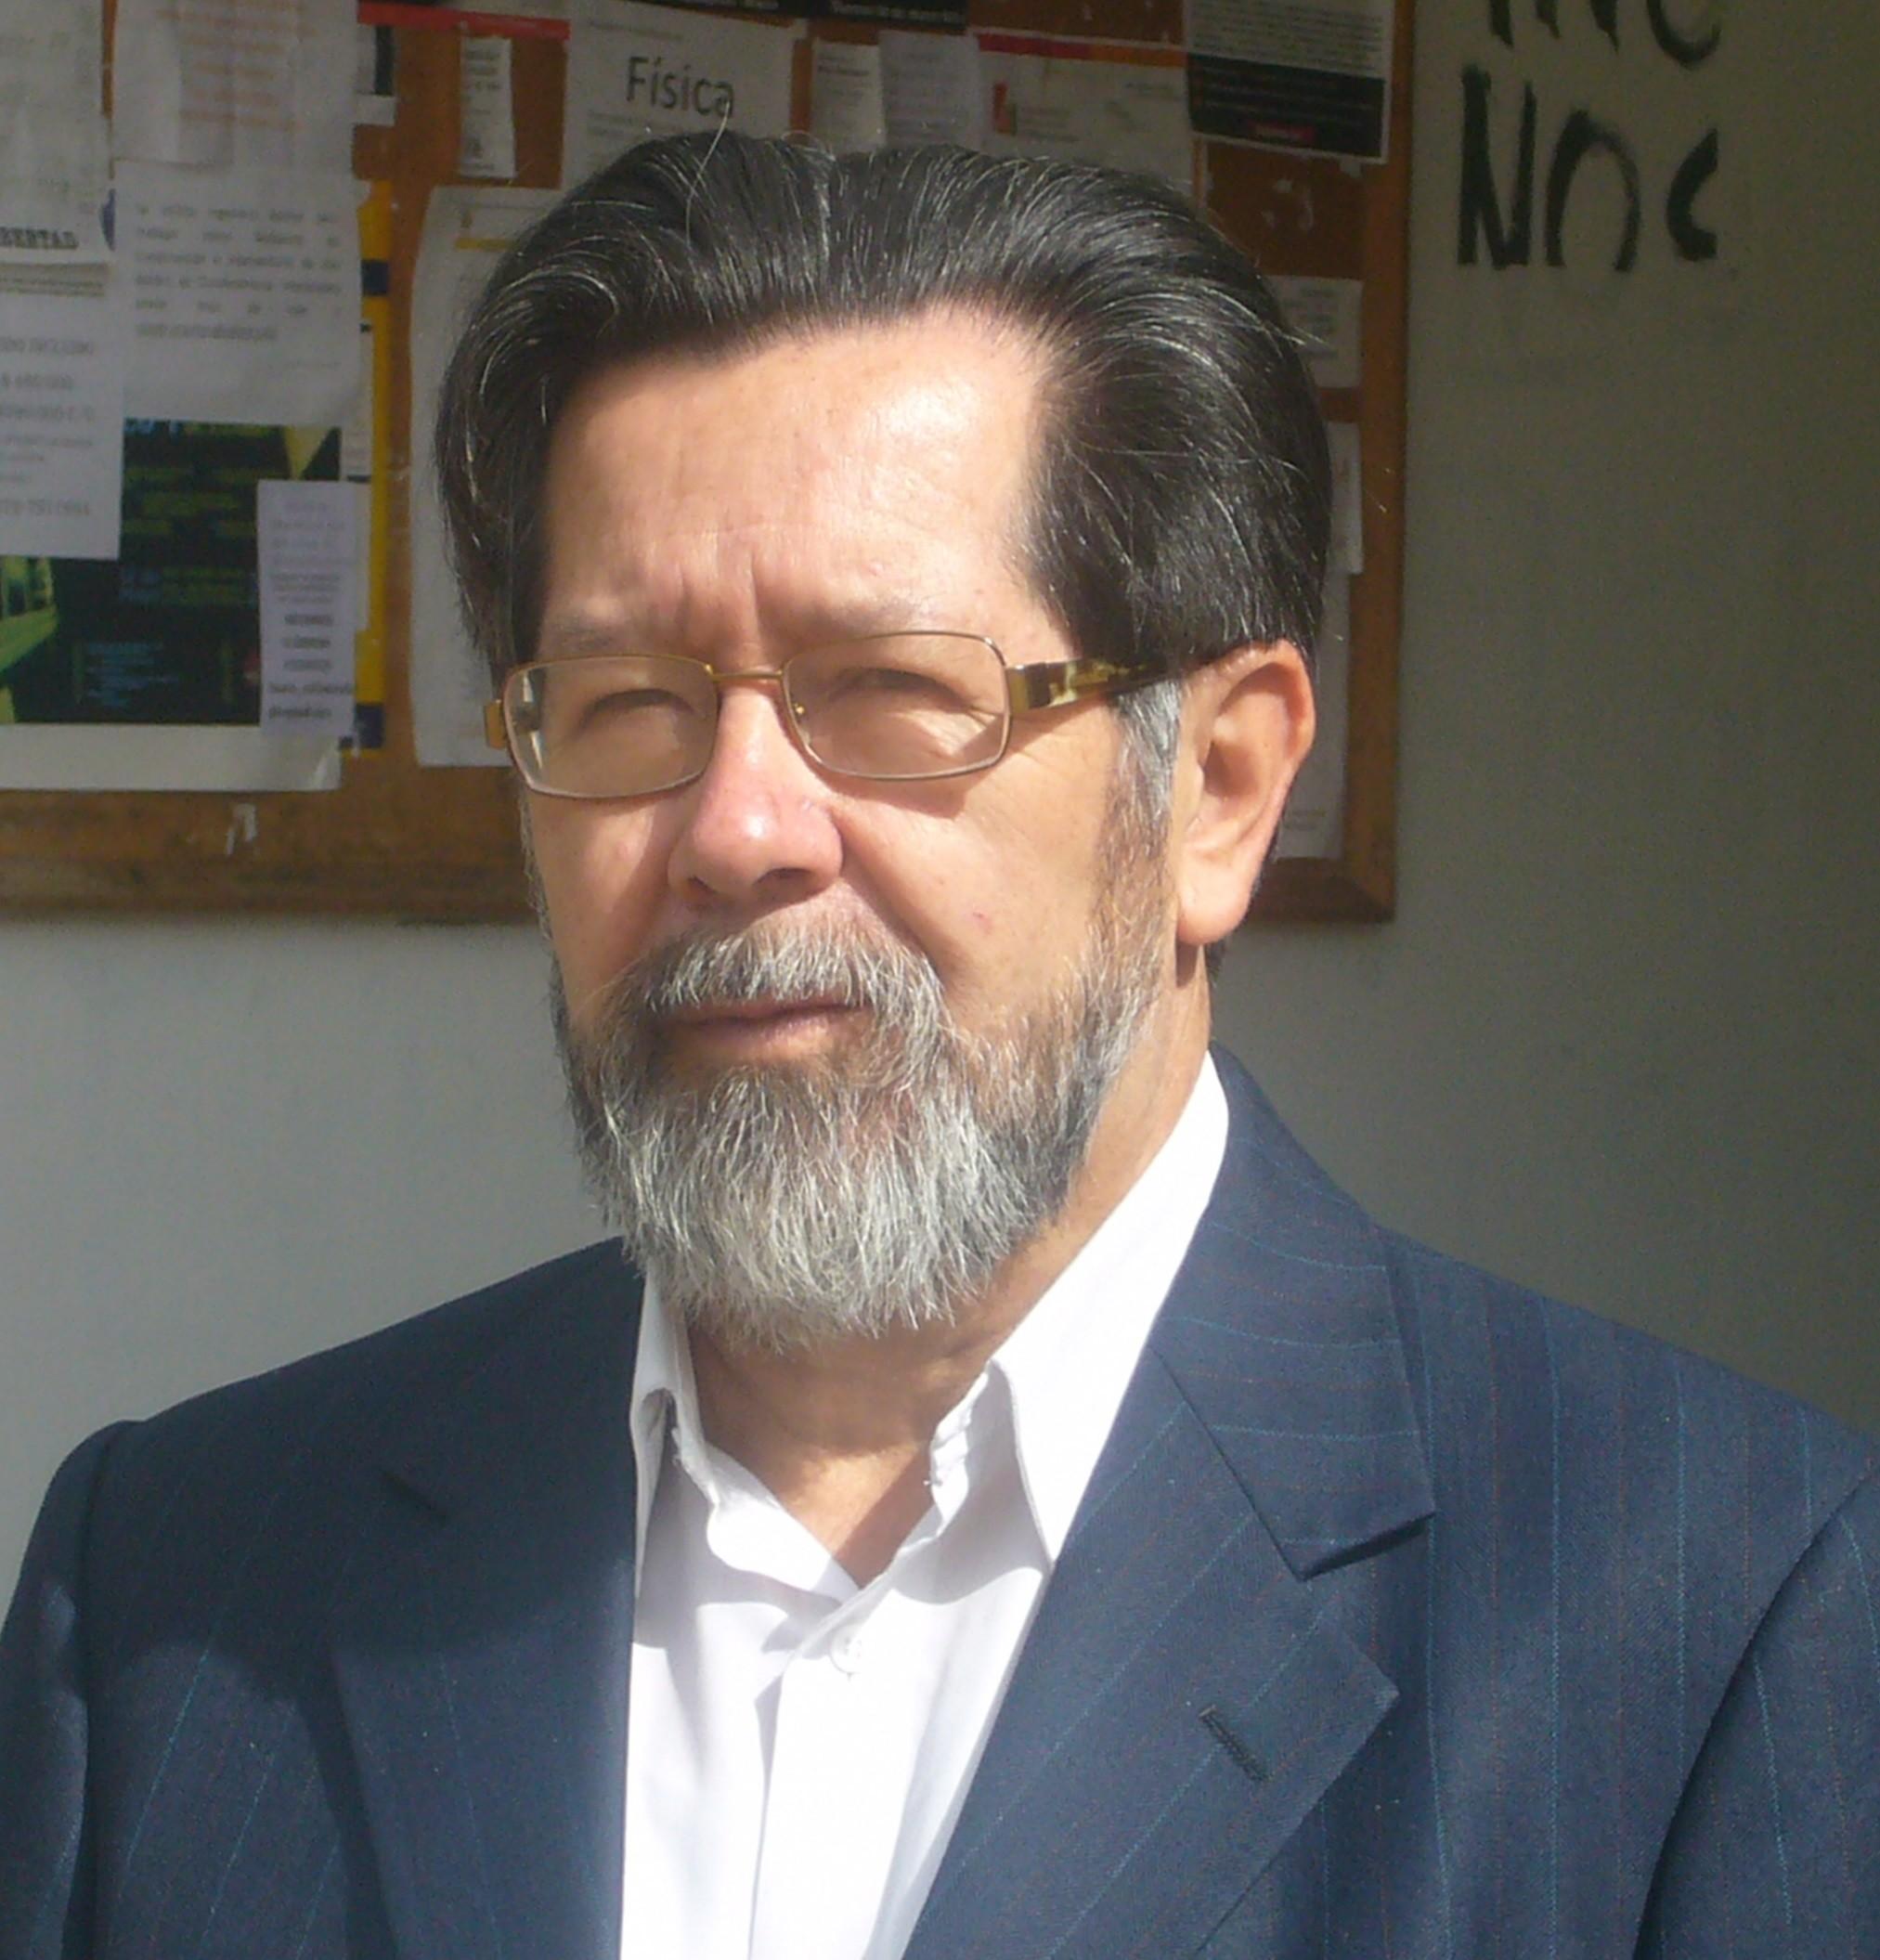 Luis Carlos Torres Soler